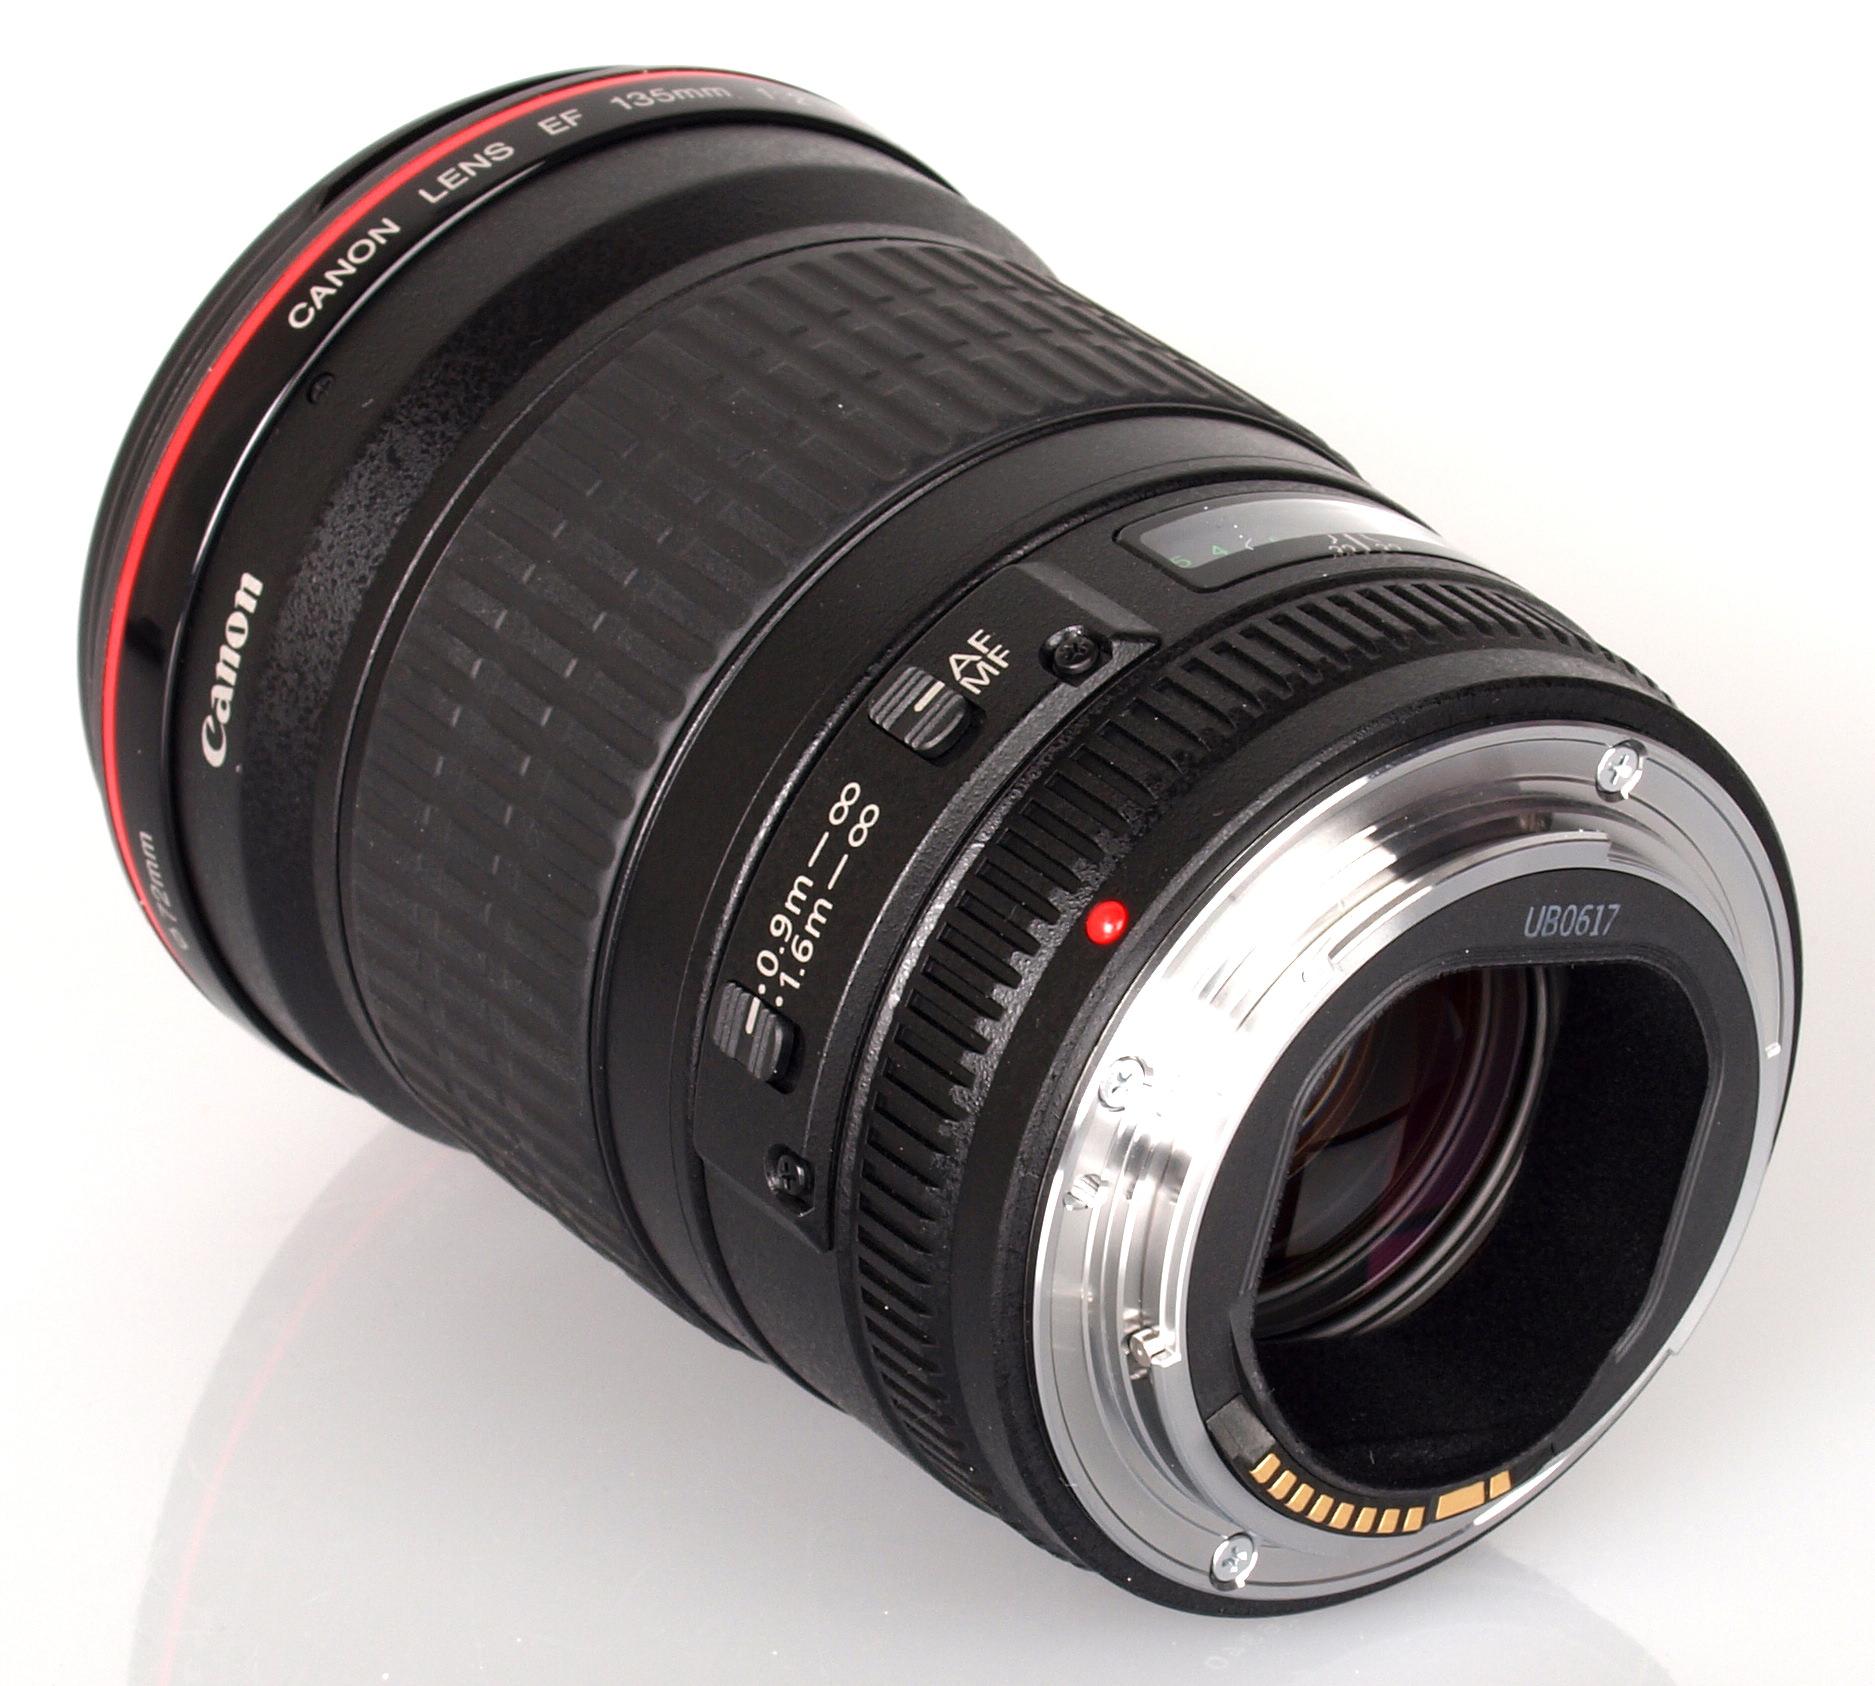 canon ef 135mm f 2l usm lens review. Black Bedroom Furniture Sets. Home Design Ideas